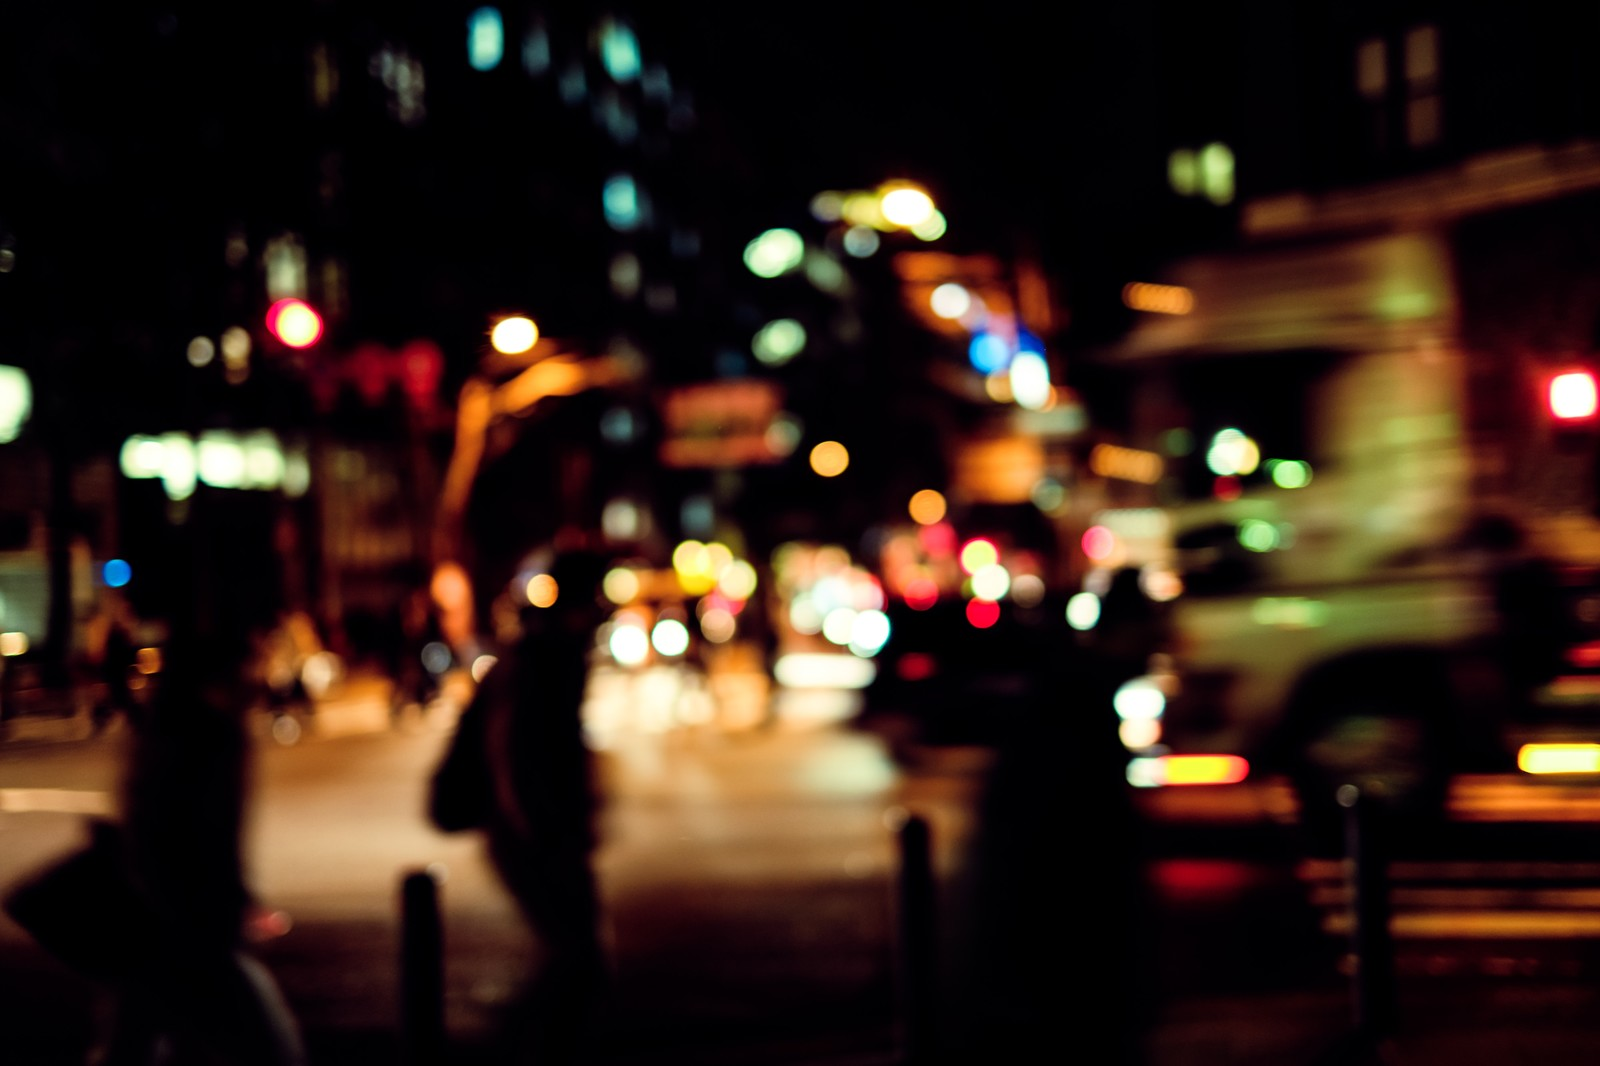 「帰宅者と交通量の多い大通り」の写真